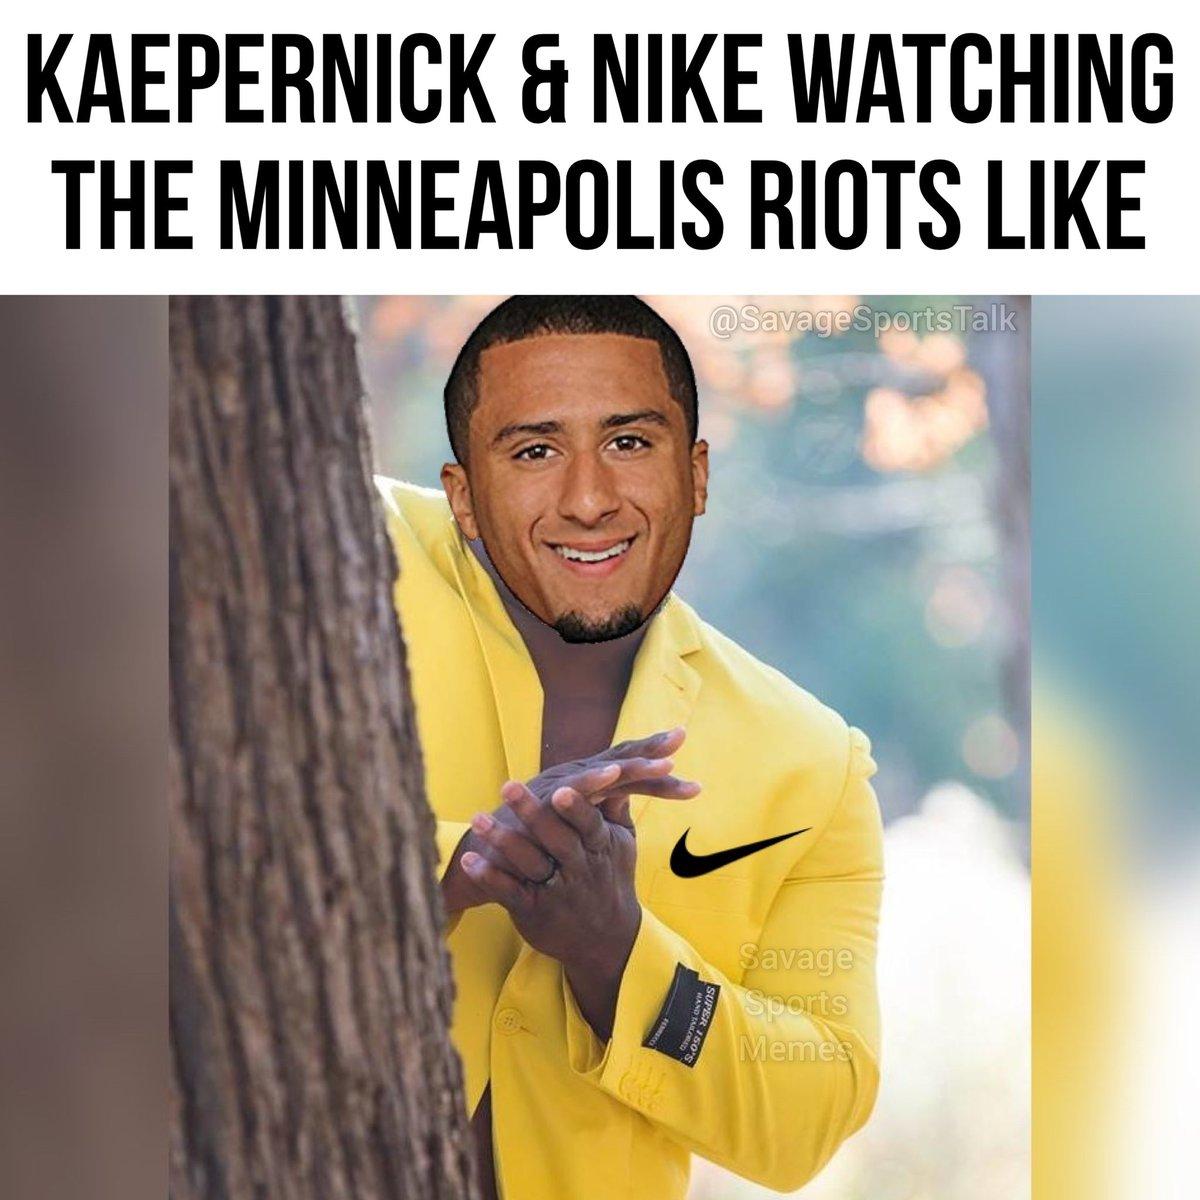 #NFL #NFLmeme #NFLmemes #football #footballmeme #footballmemes #meme #memes #sports #sportsmeme #sportsmemes #minneapolis #minnesota #riots #vikings #minnesotavikings #skol #georgefloyd #justiceforgeorgefloyd #kaepernick #colinkaepernick #nikepic.twitter.com/RykTe5ldDE